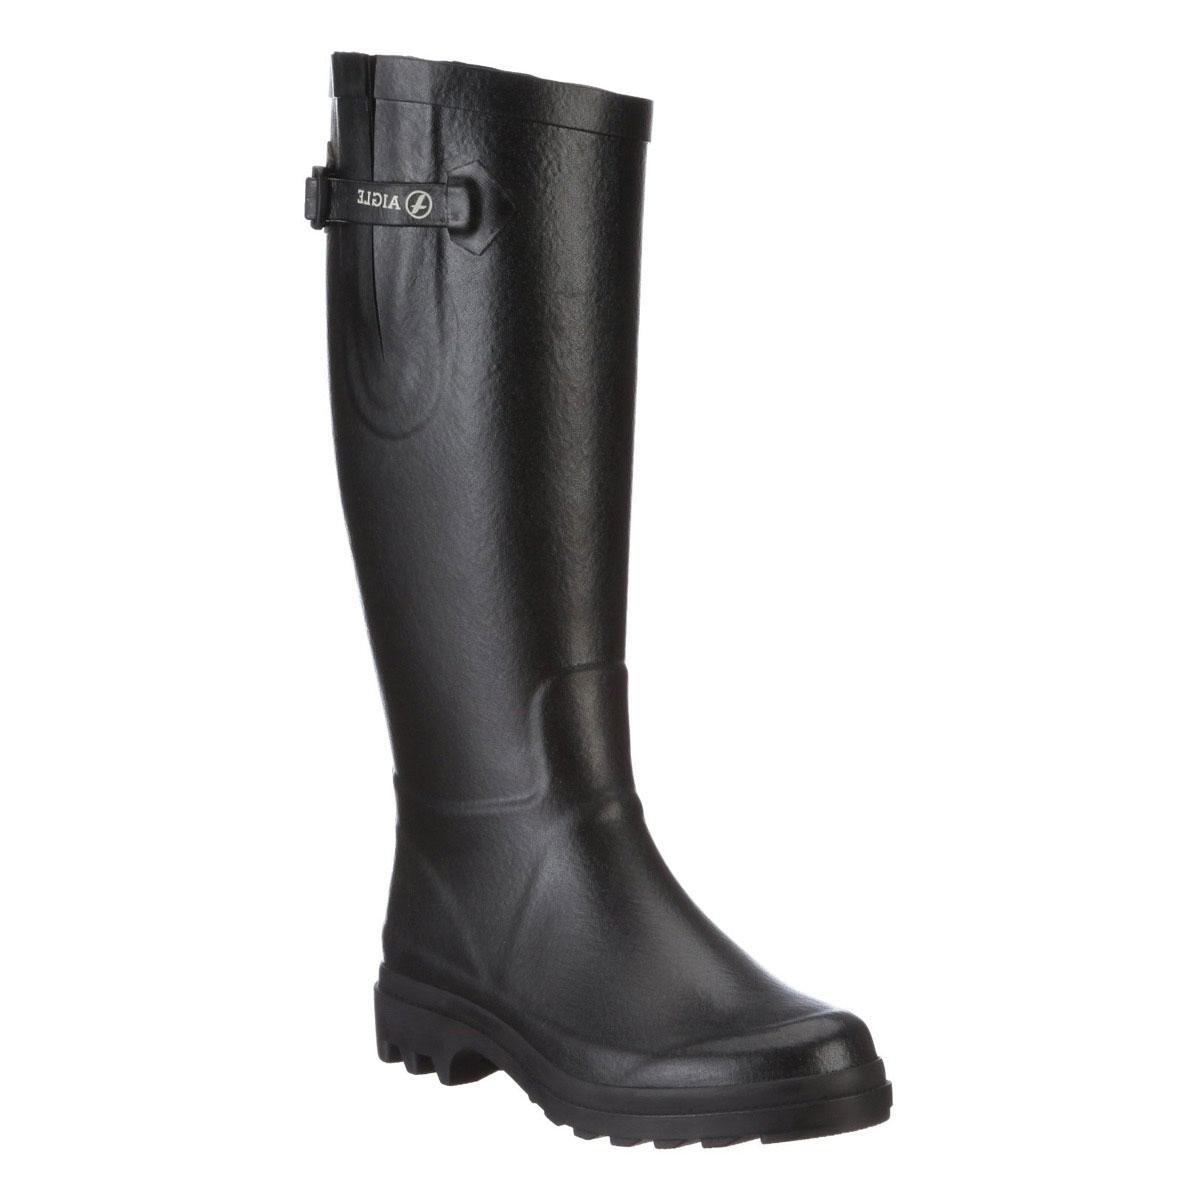 Image of Aigle Aiglentine Wellington Boots (Women's) - Noir (Black)